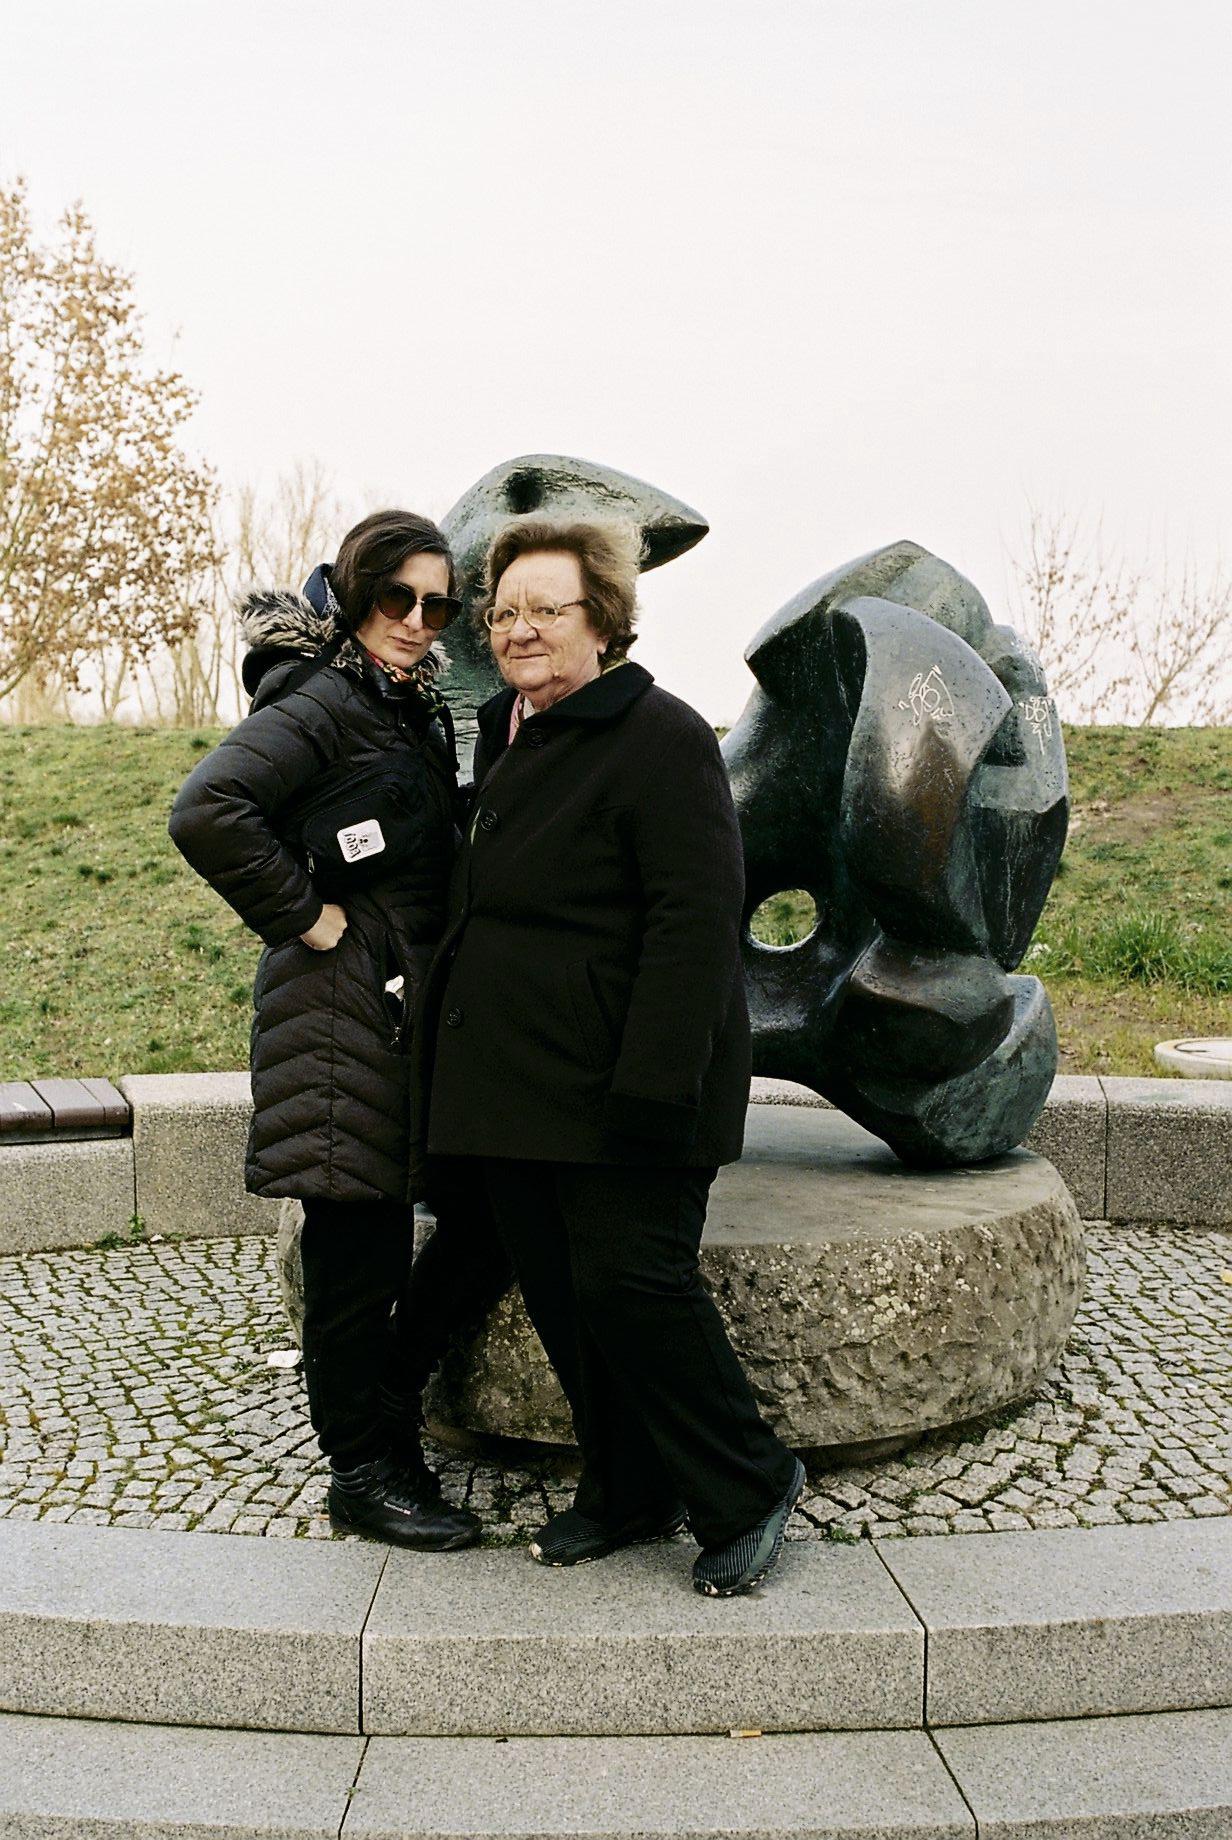 Frankfurt (Oder) 02-2020 - 10 of 13